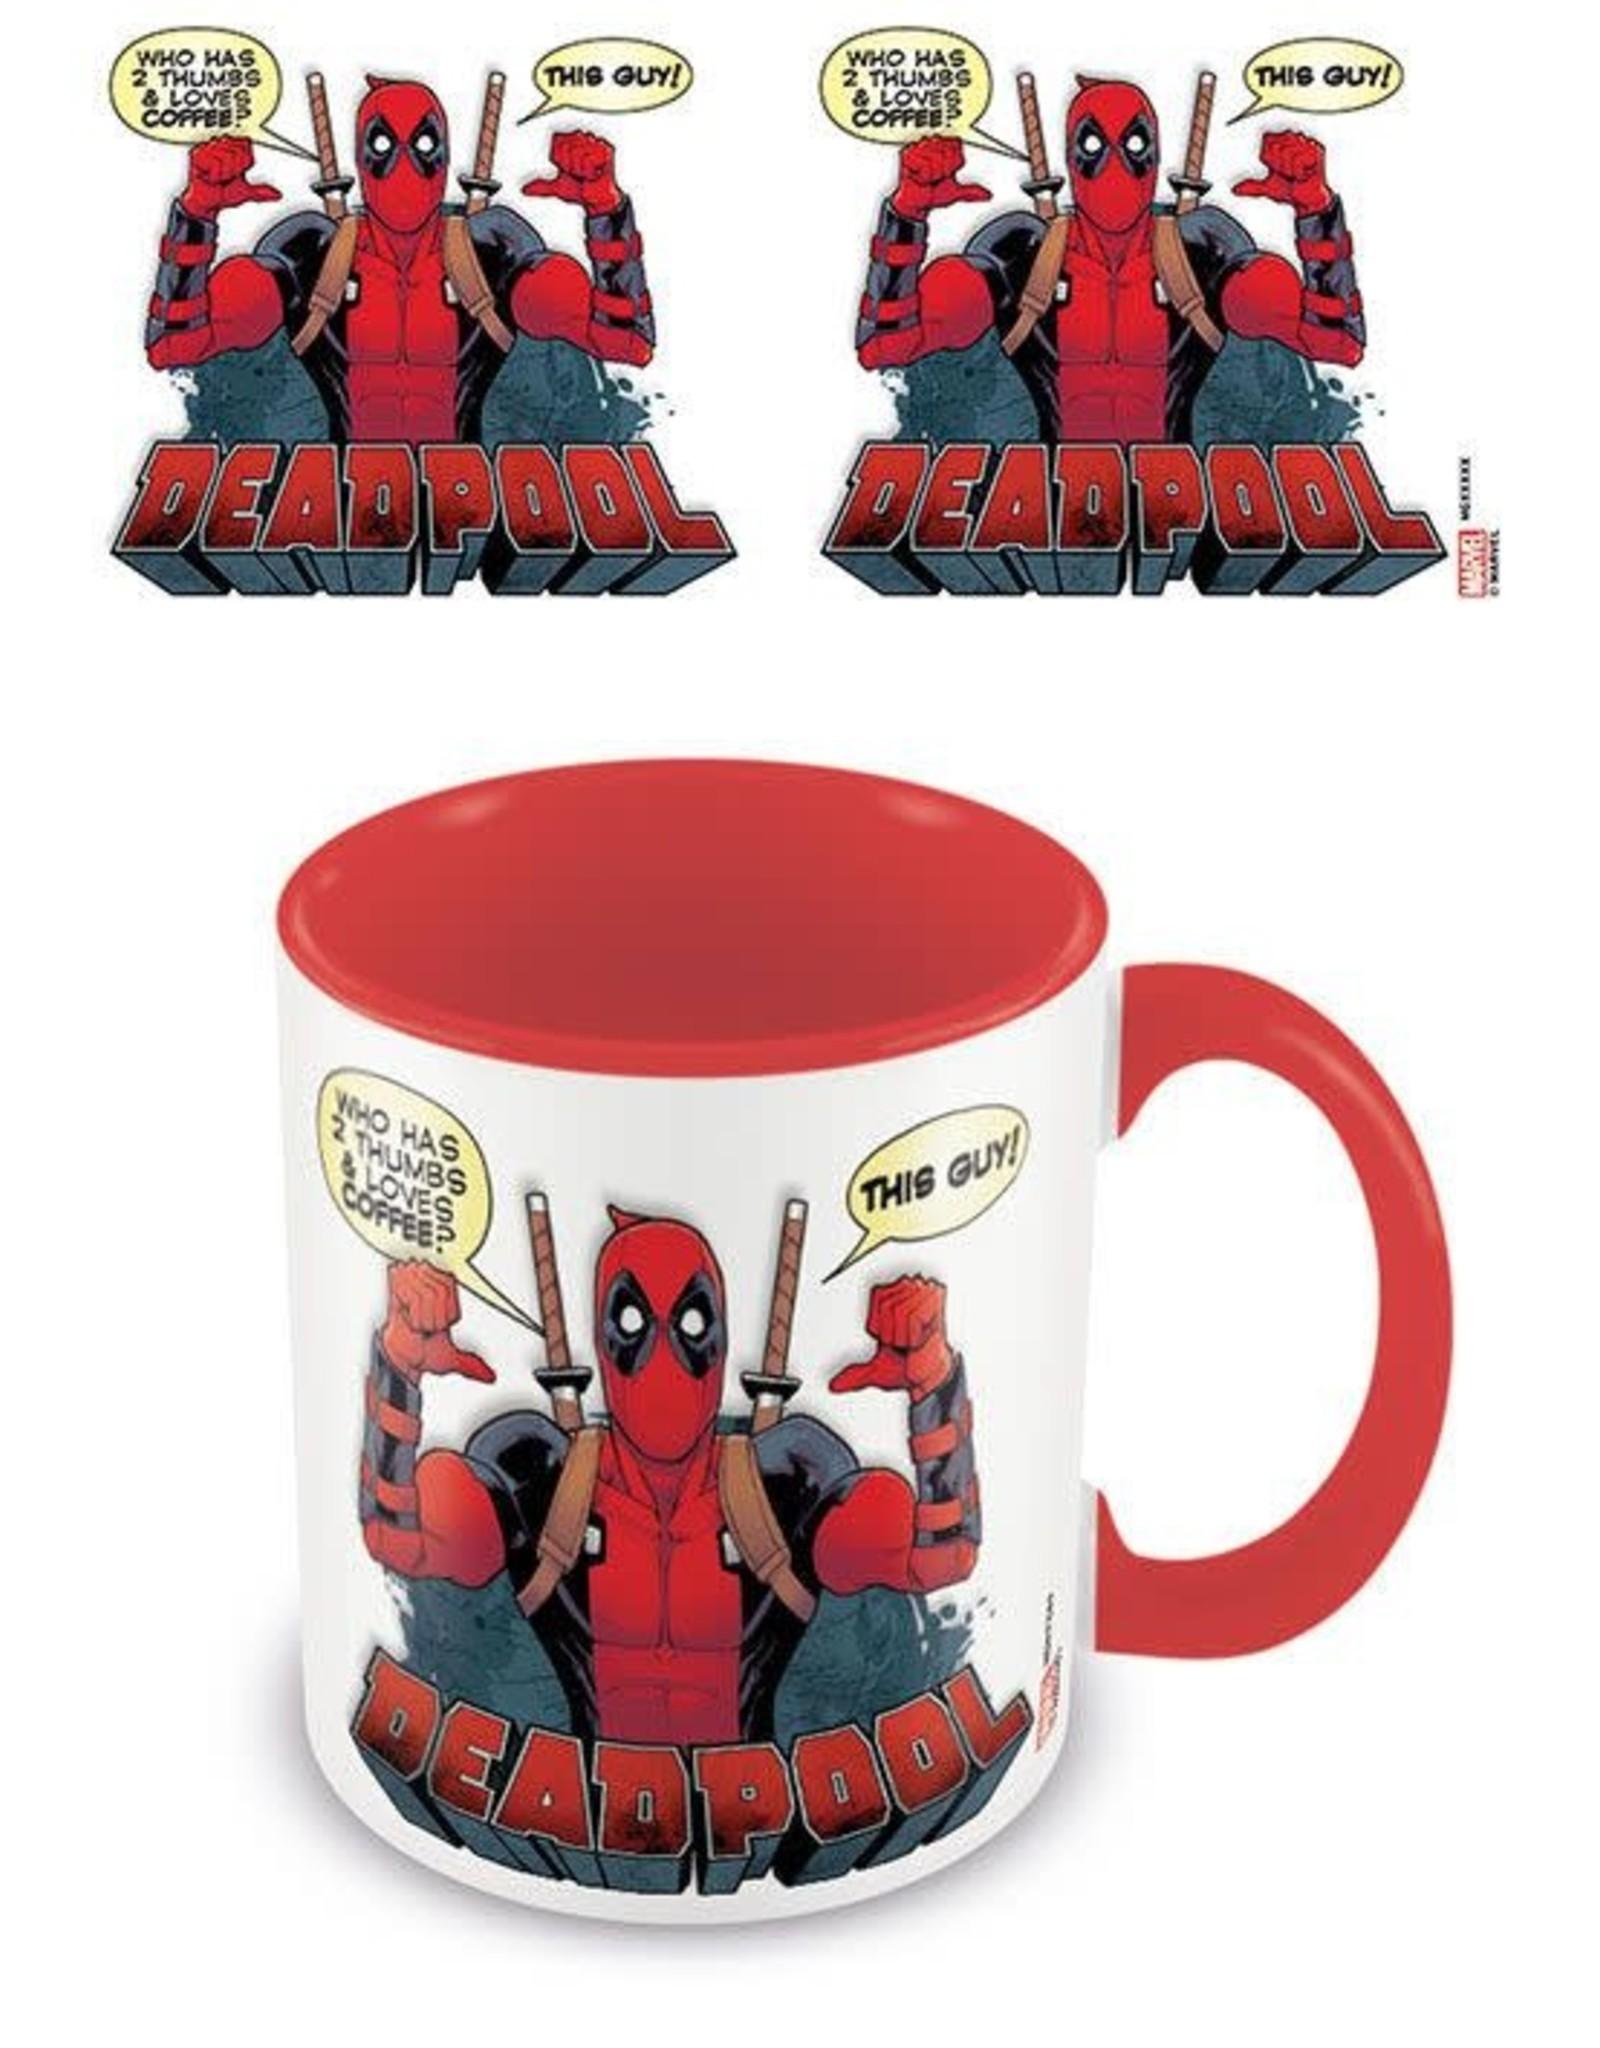 Pyramid International DEADPOOL Coloured Inner Mug - 2 Thumbs